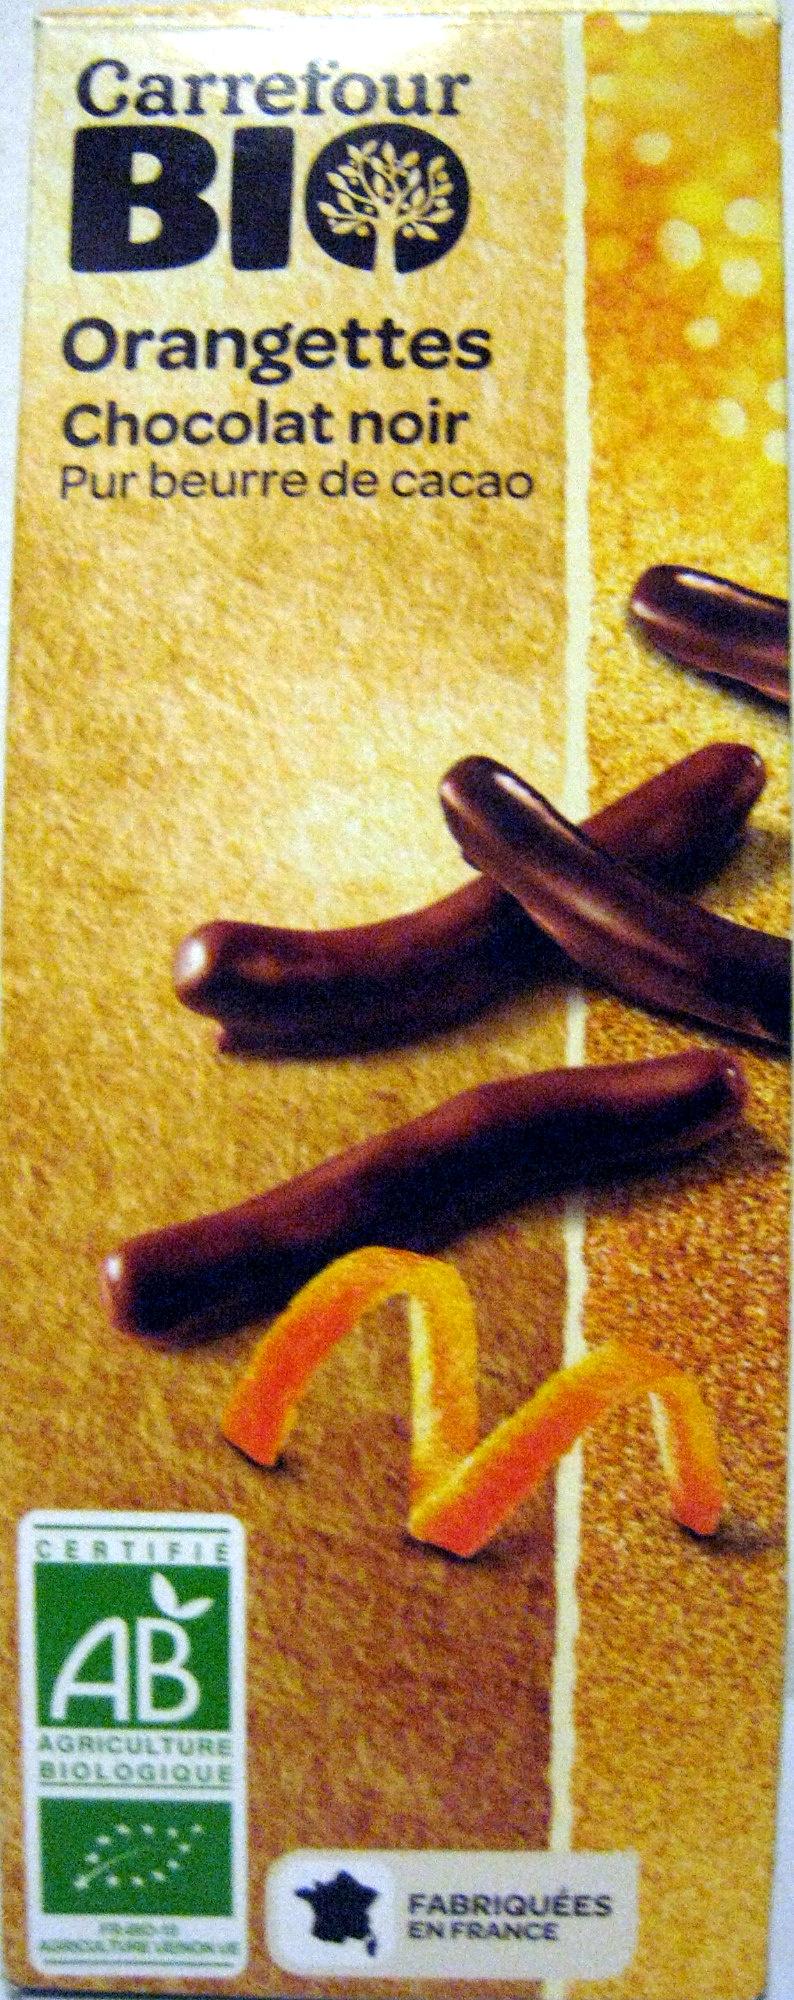 Orangettes Chocolat noir - Product